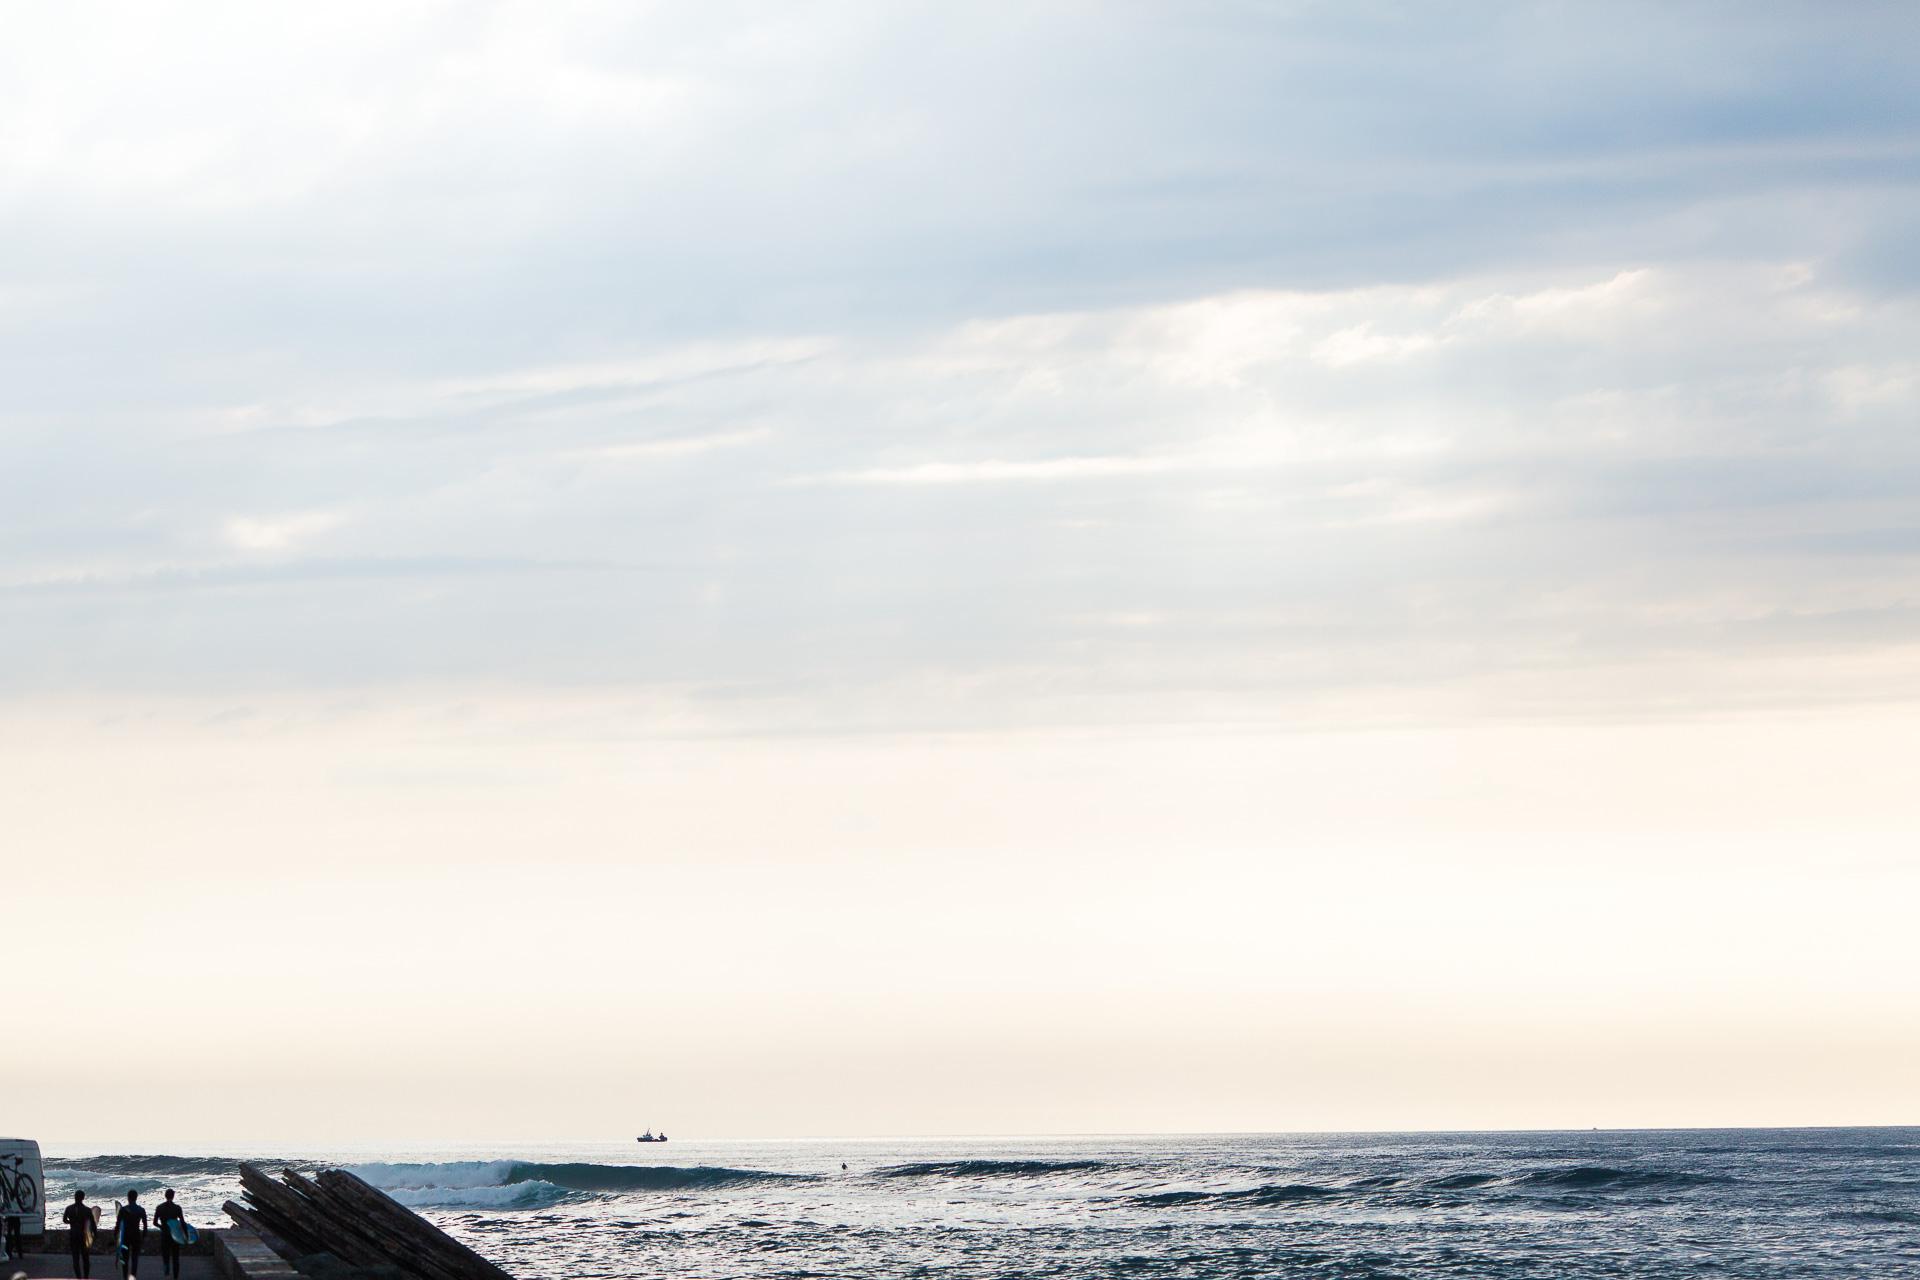 Damien-Dohmen-photographe-Ocean-22